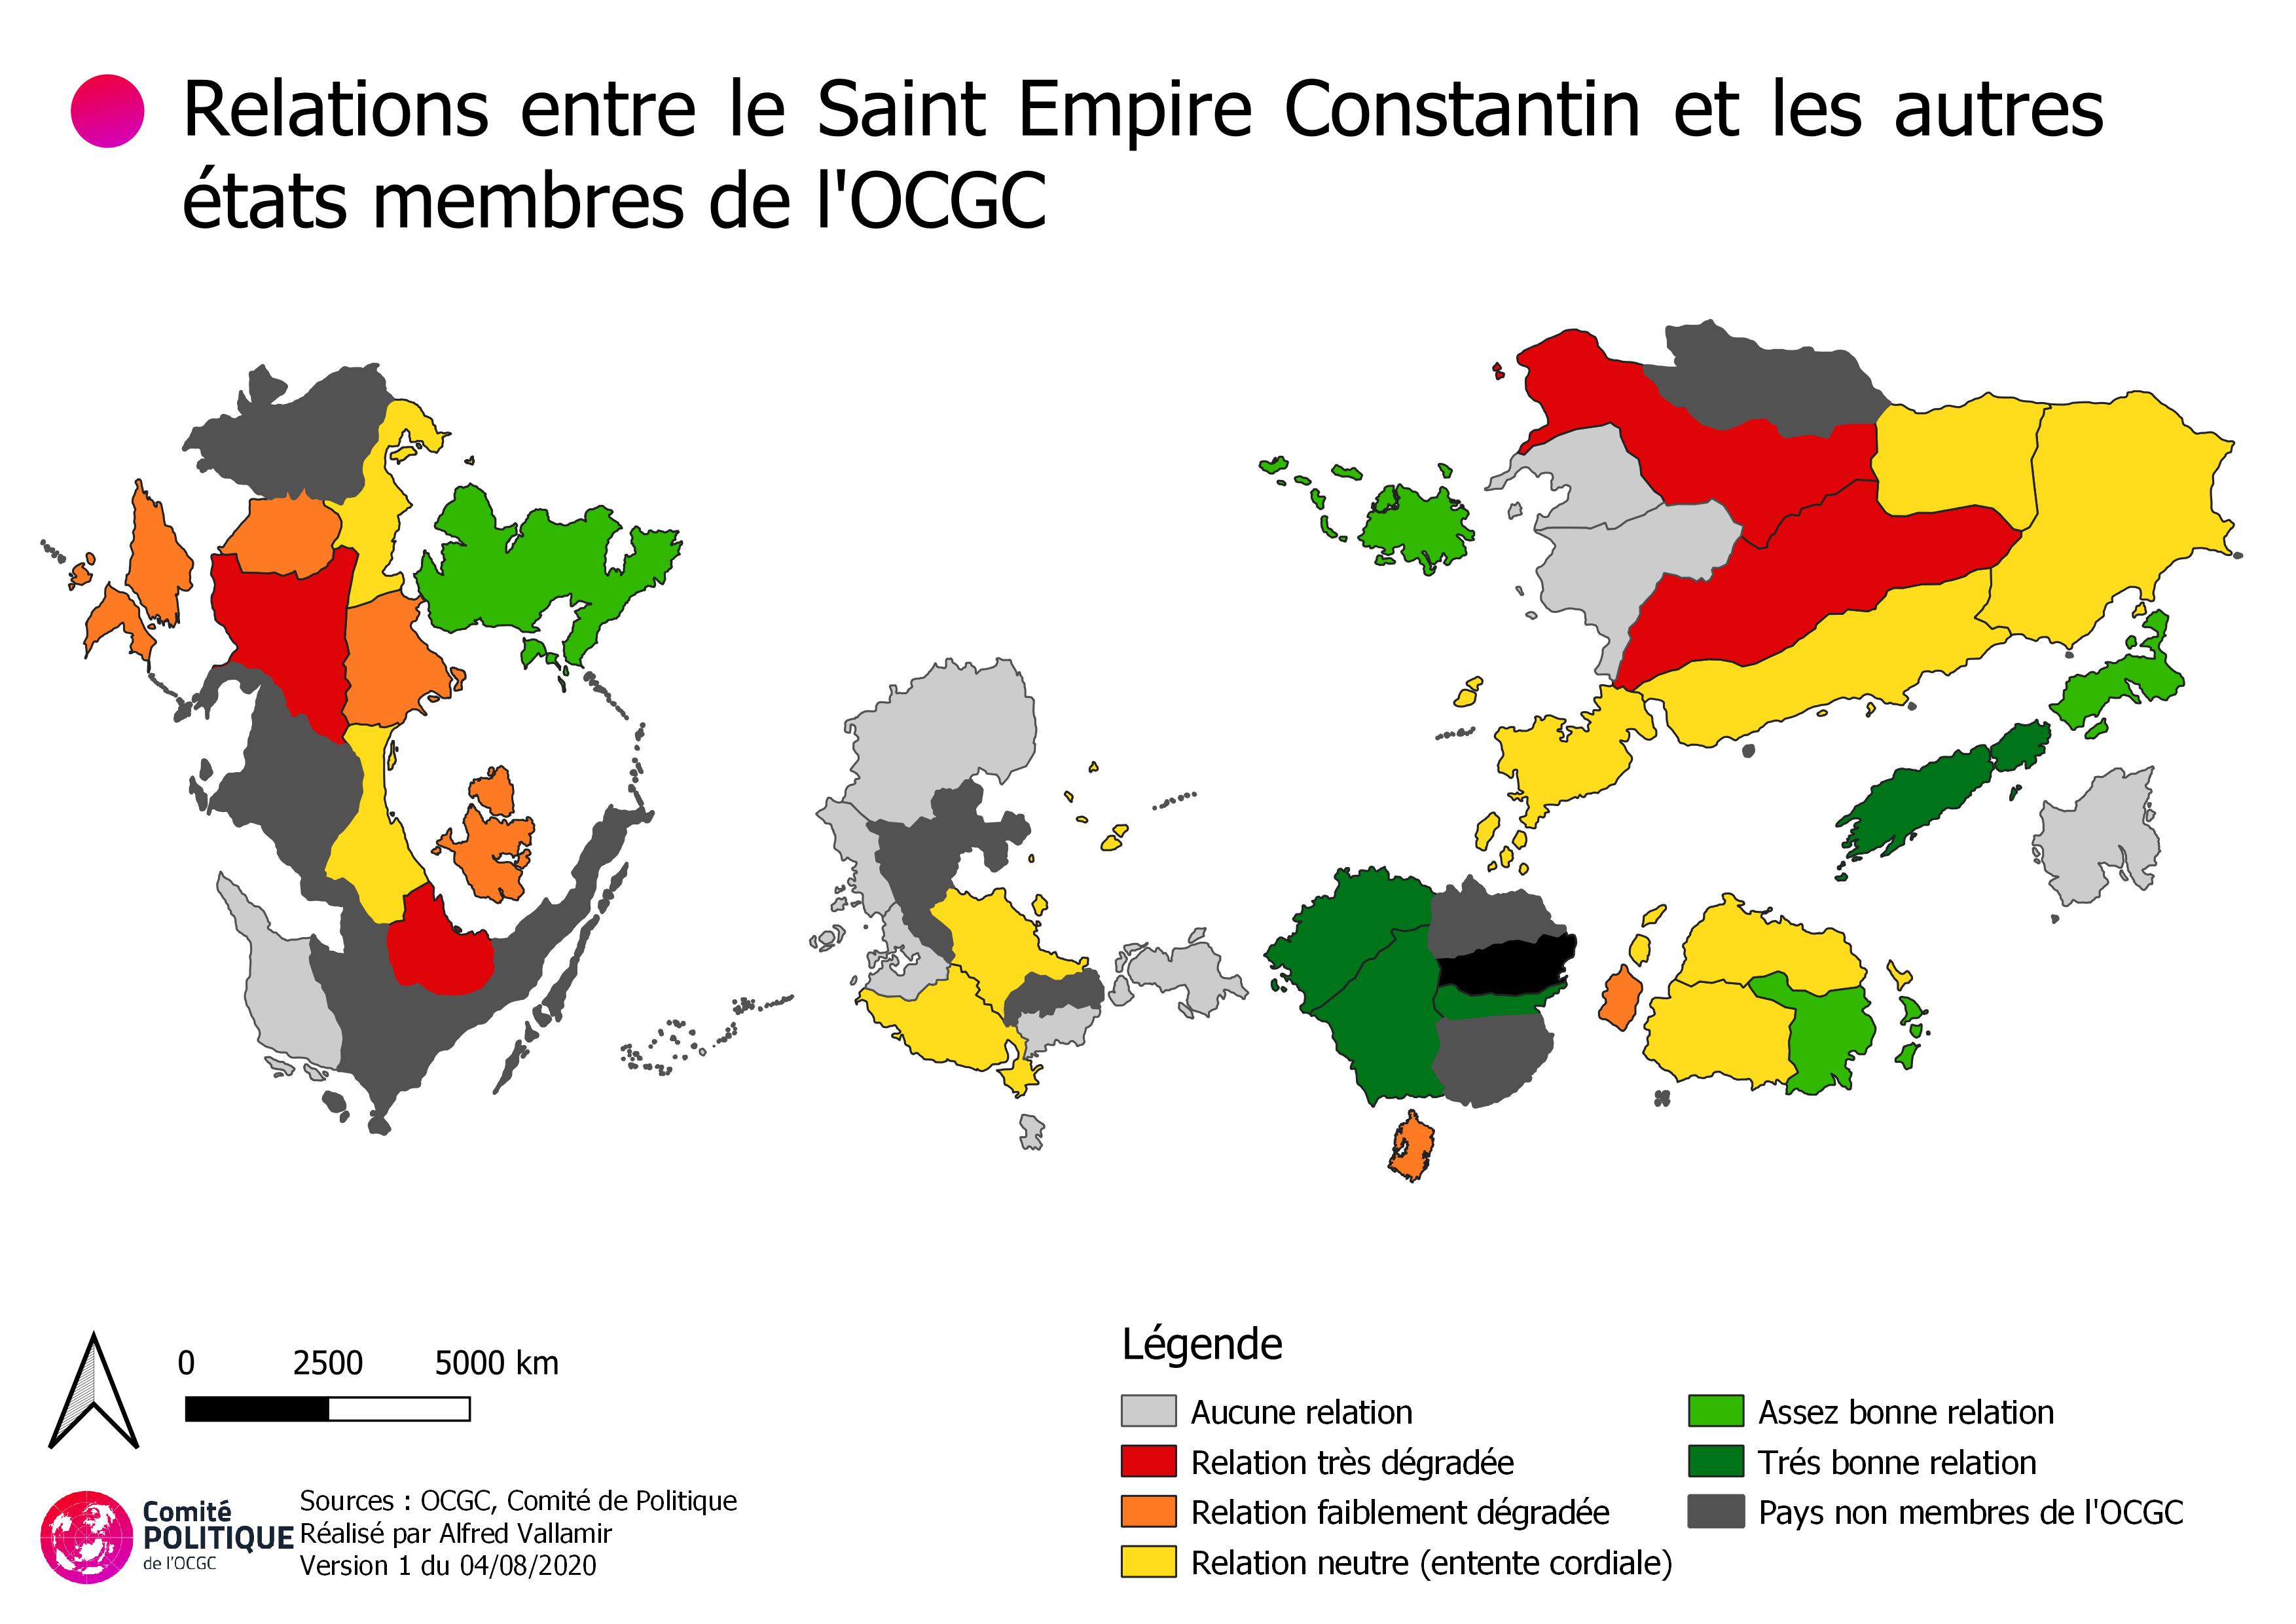 Atlas du comité de politique - L'édition 2021 disponible ! - Page 4 ComPol_Rel_Bil_Saint_Empire